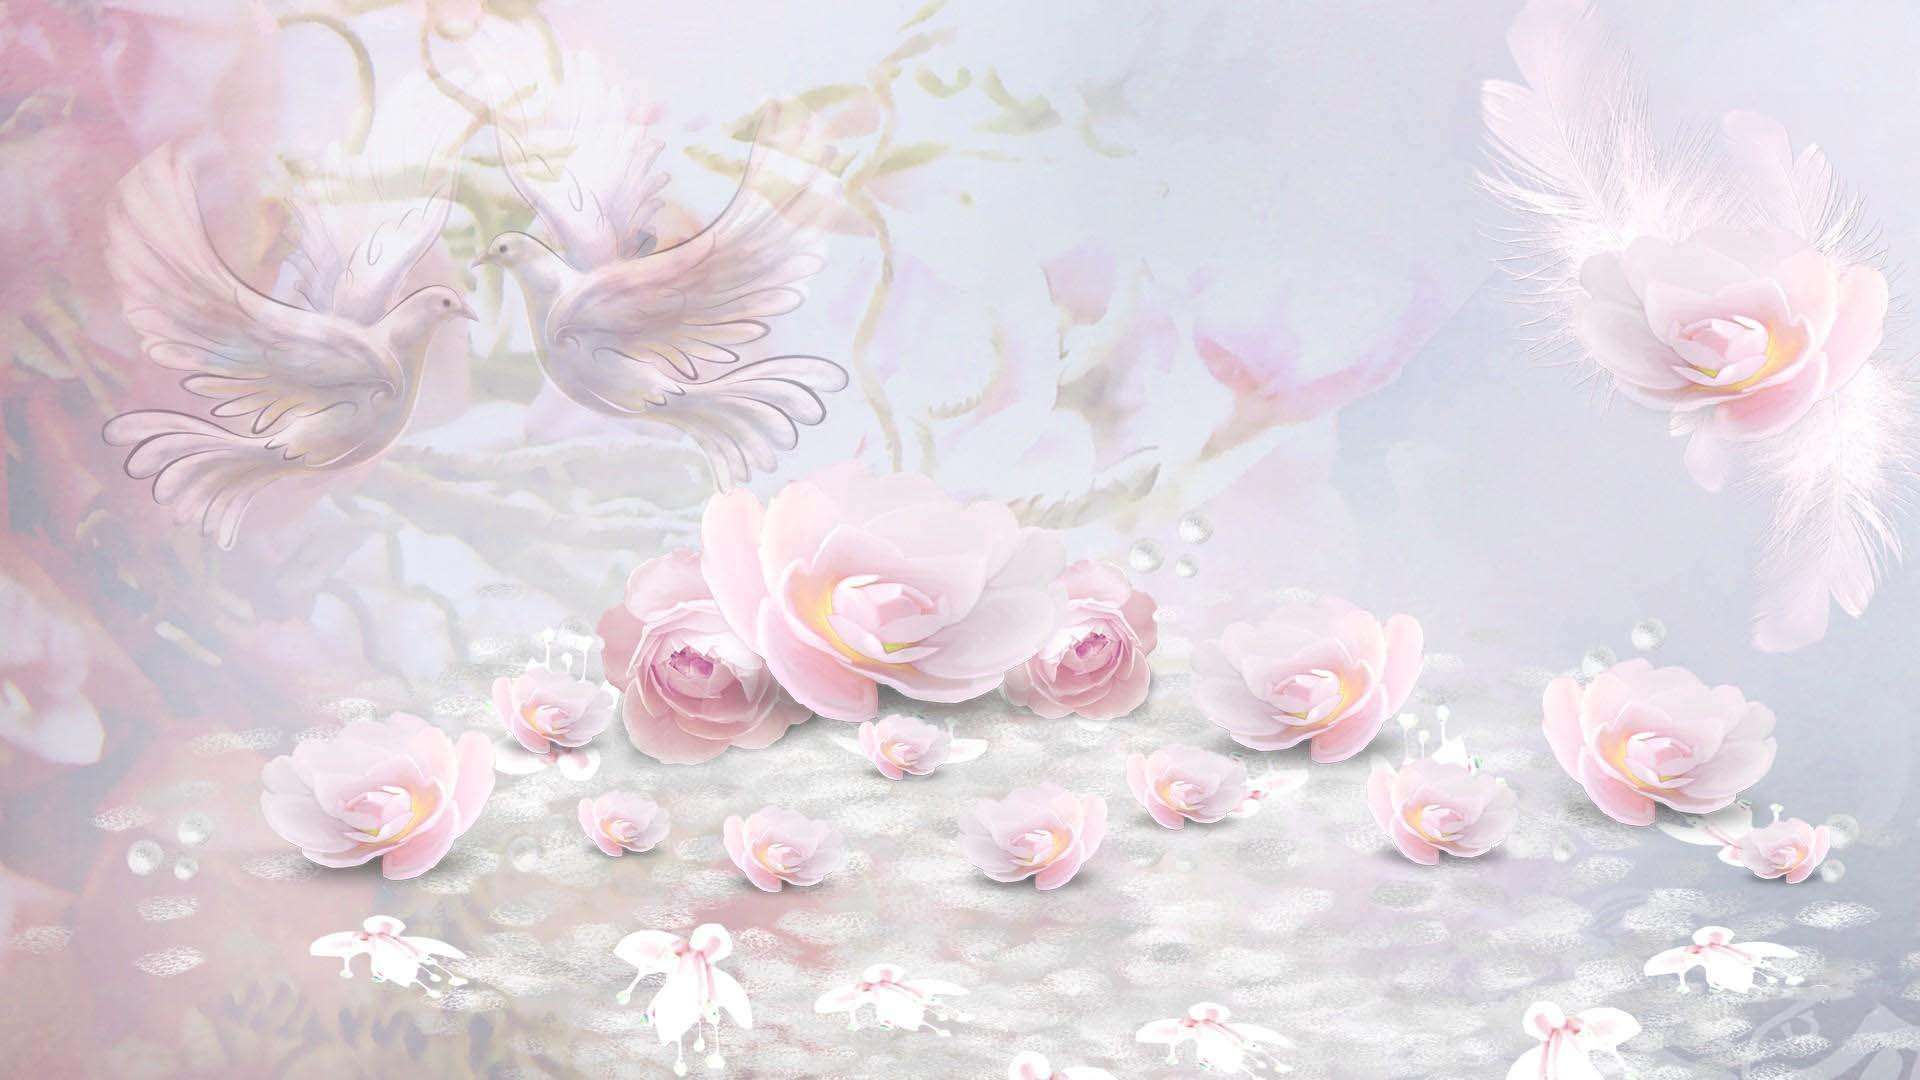 Hình ảnh nền màu hồng phấn dễ thương, cute